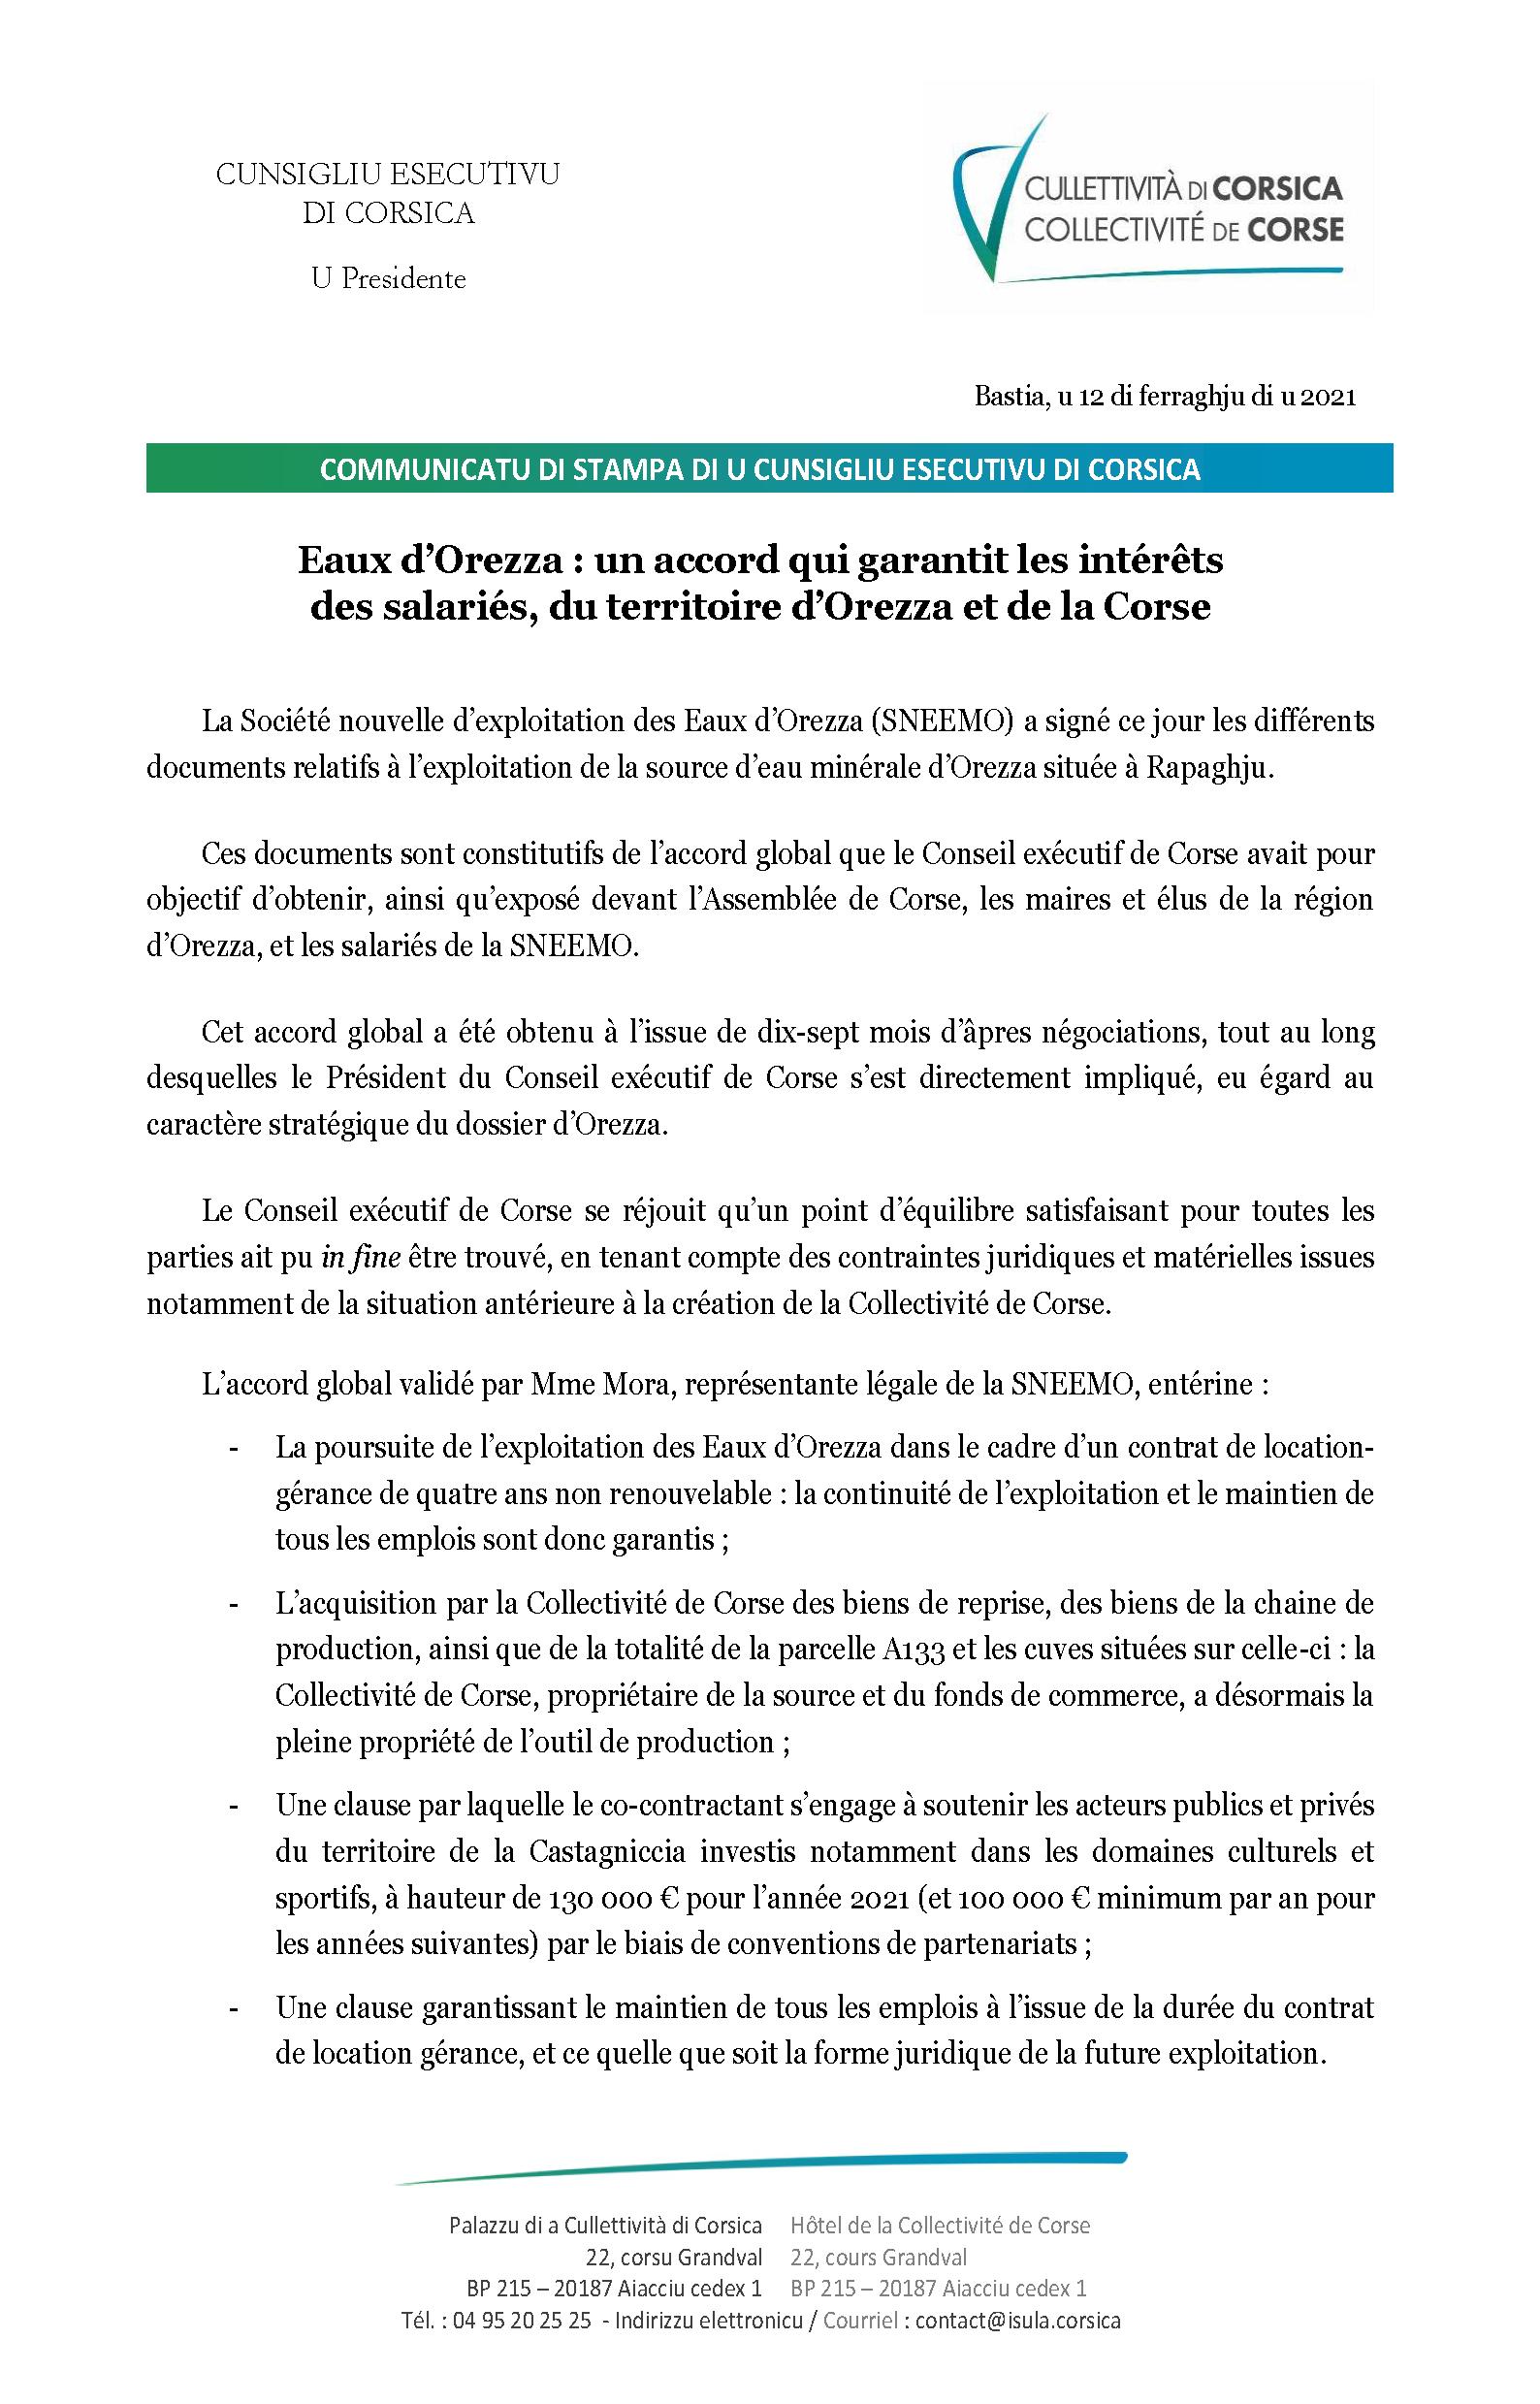 Cumunicatu di stampa di u Presidente di u Cunsigliu esecutivu di Corsica di venneri u 12 di ferraghju di u 2021